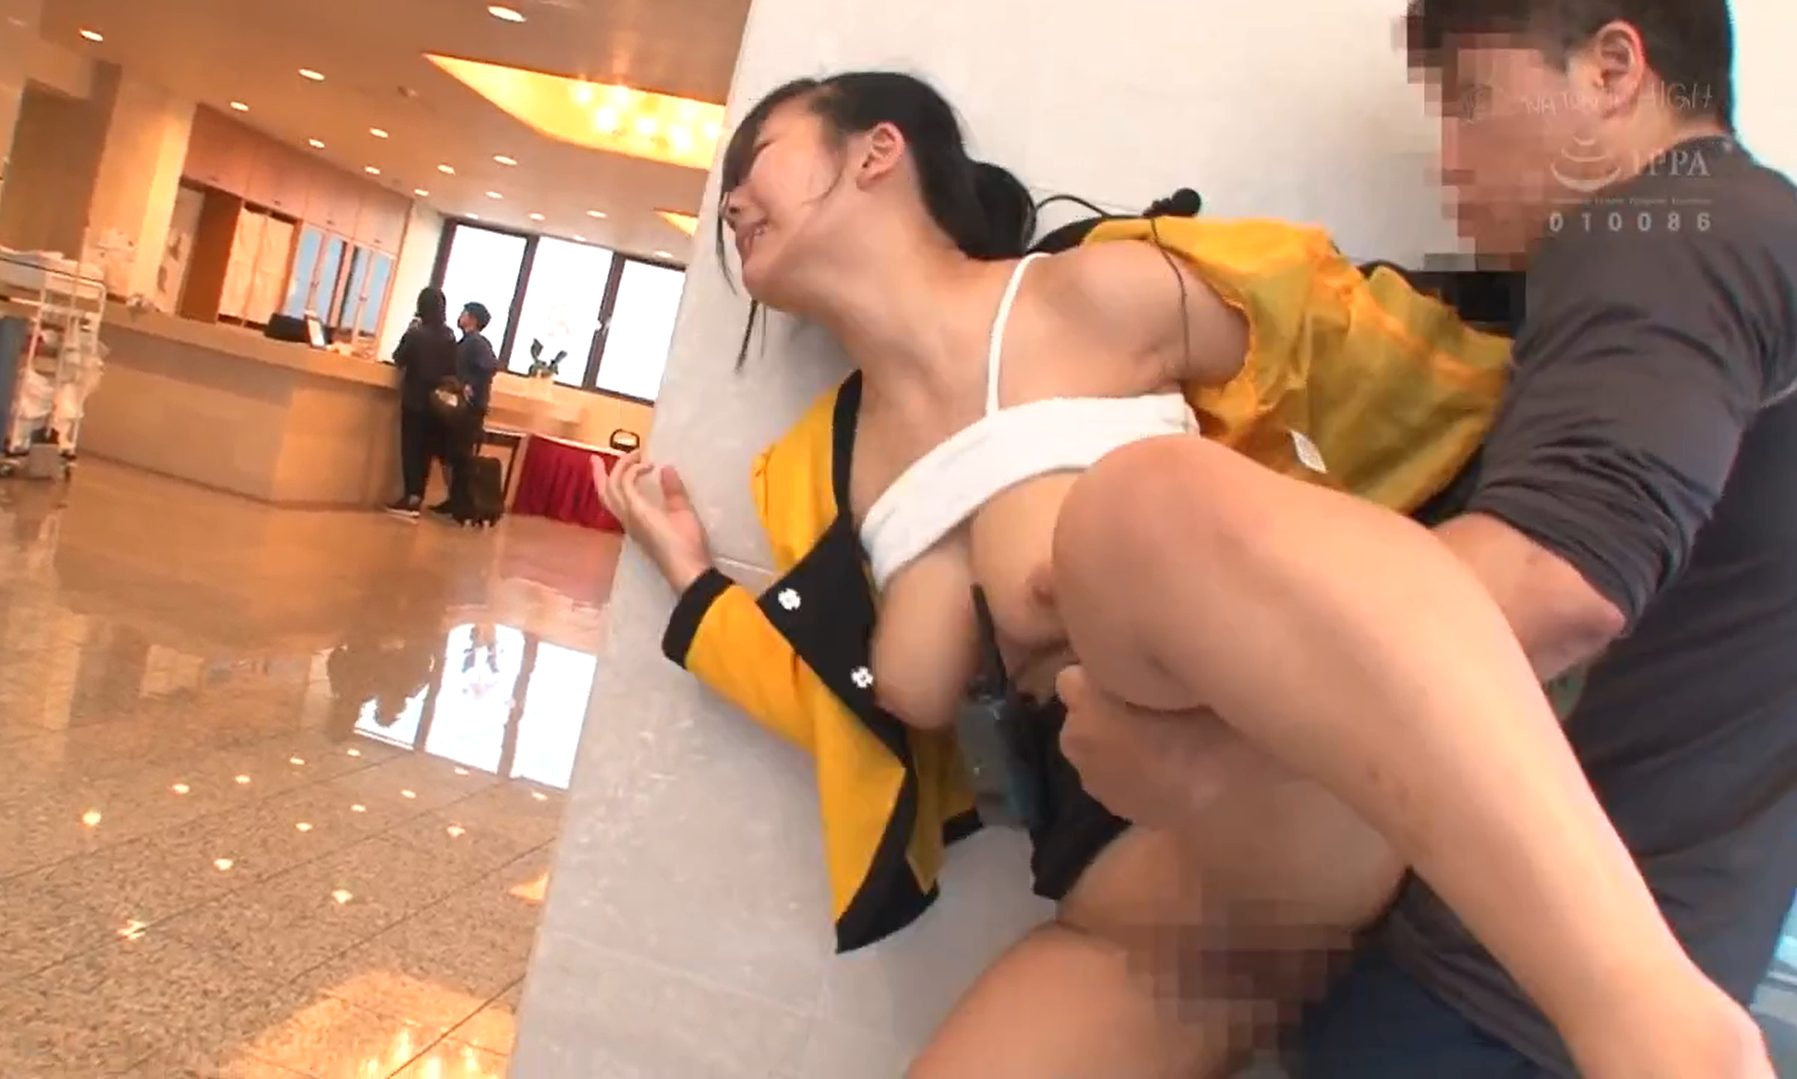 【※巨乳レイプ※】ホテルの綺麗な巨乳従業員を犯す!制服のまま強気にロビーや客室で中出しレイプ…!